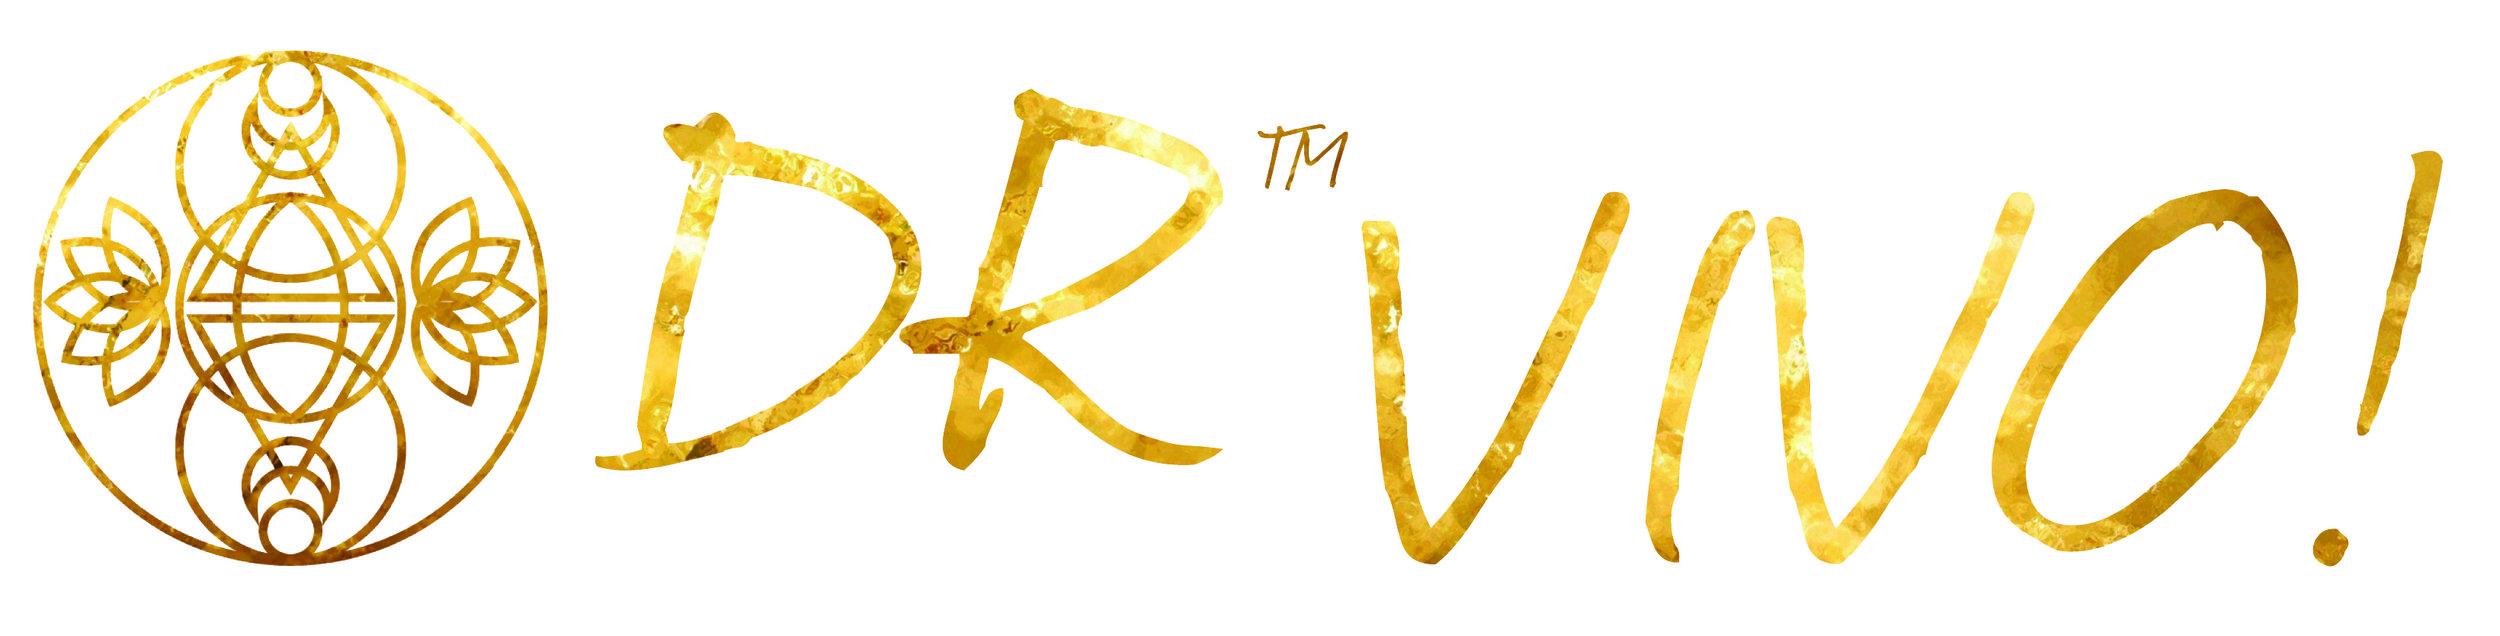 DR VIVO Logo Spanish.jpg